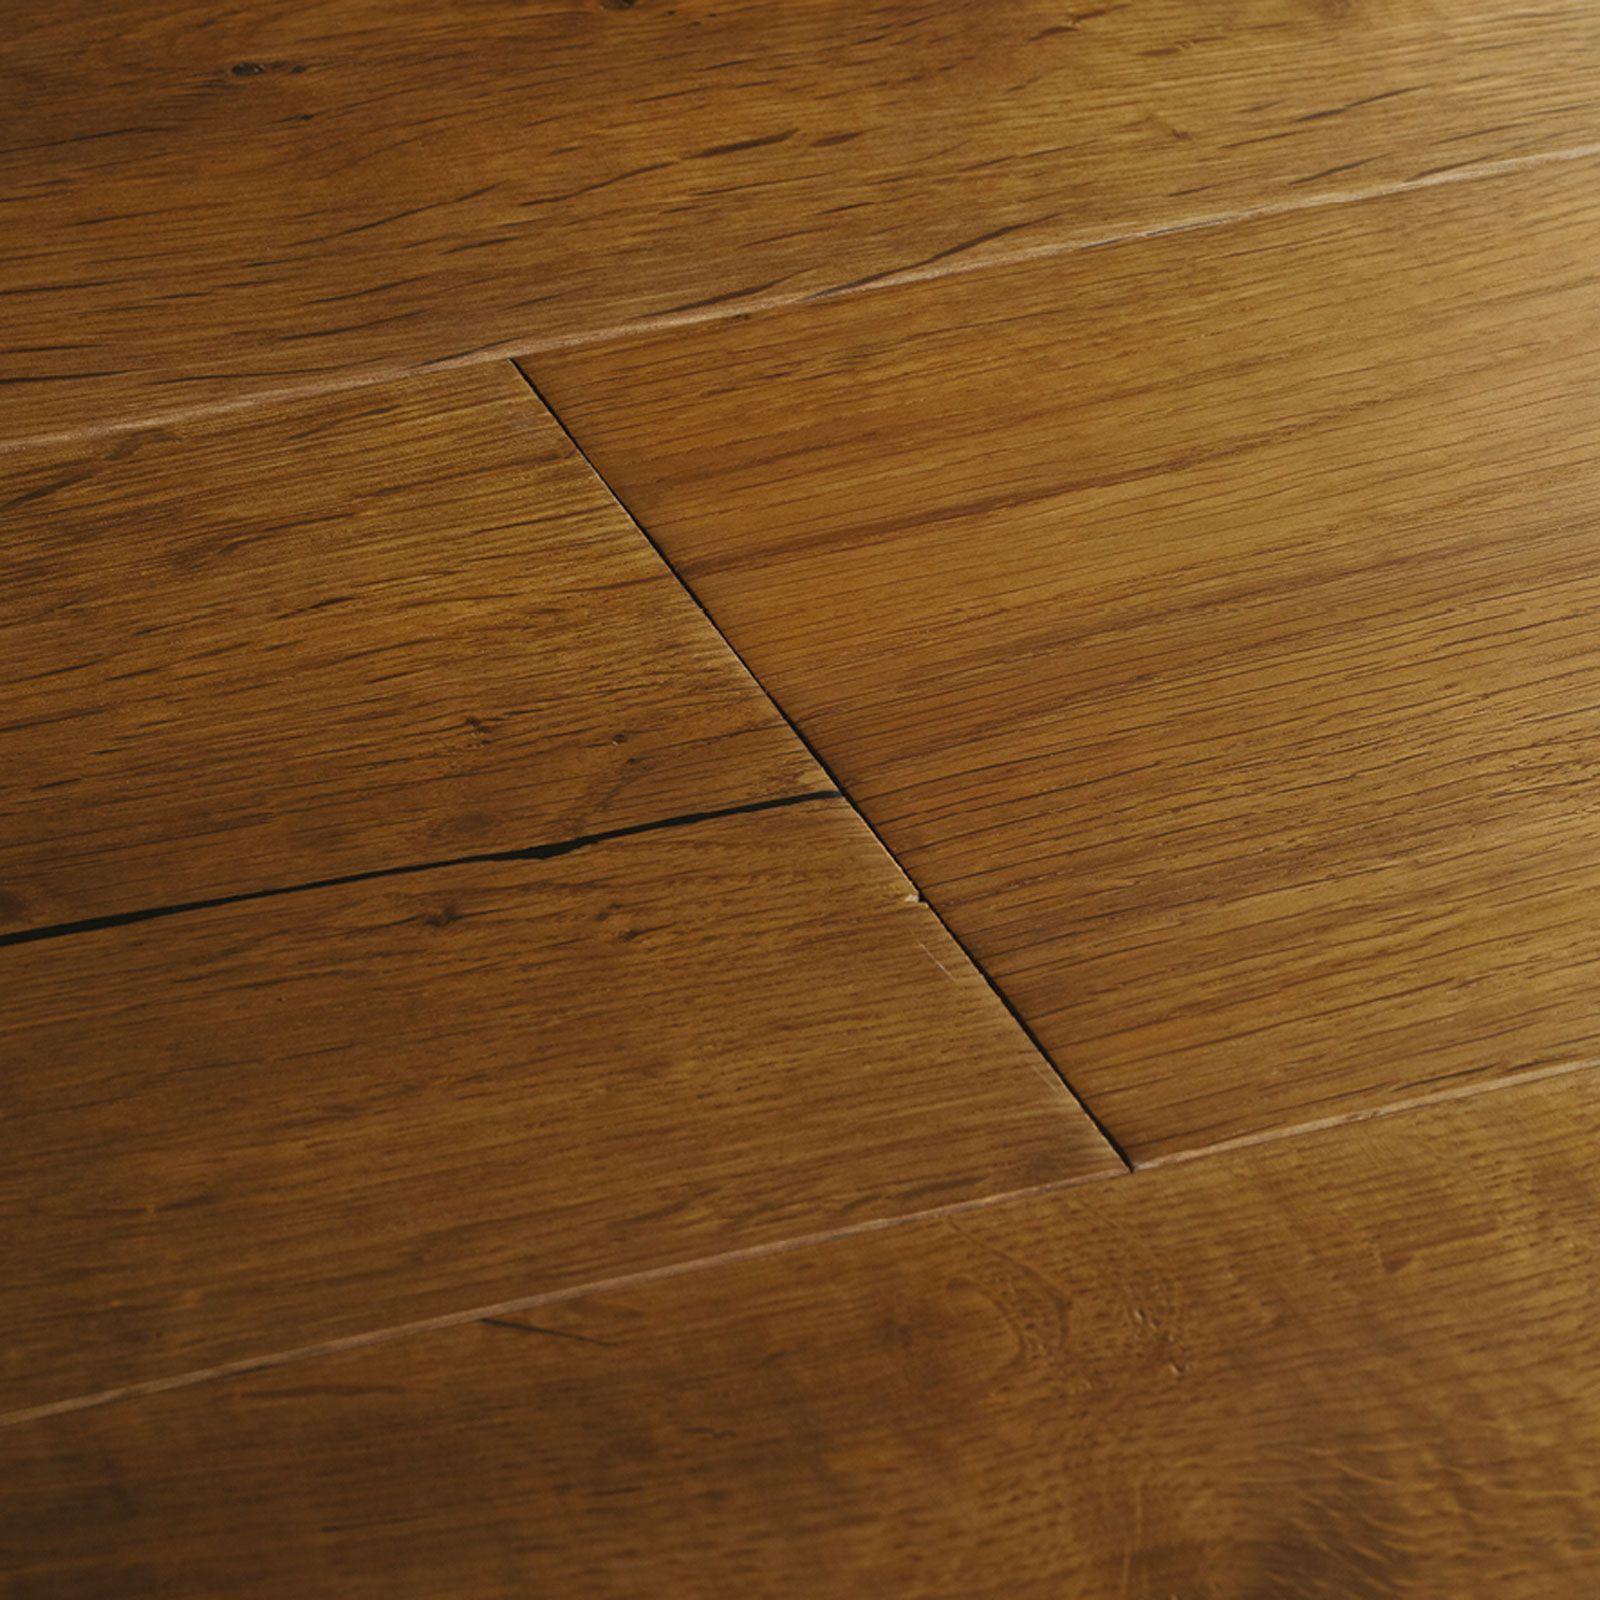 hardwood floor cleaning hacks of hardwood floor care floor plan ideas inside 40 how thick is hardwood flooring concept